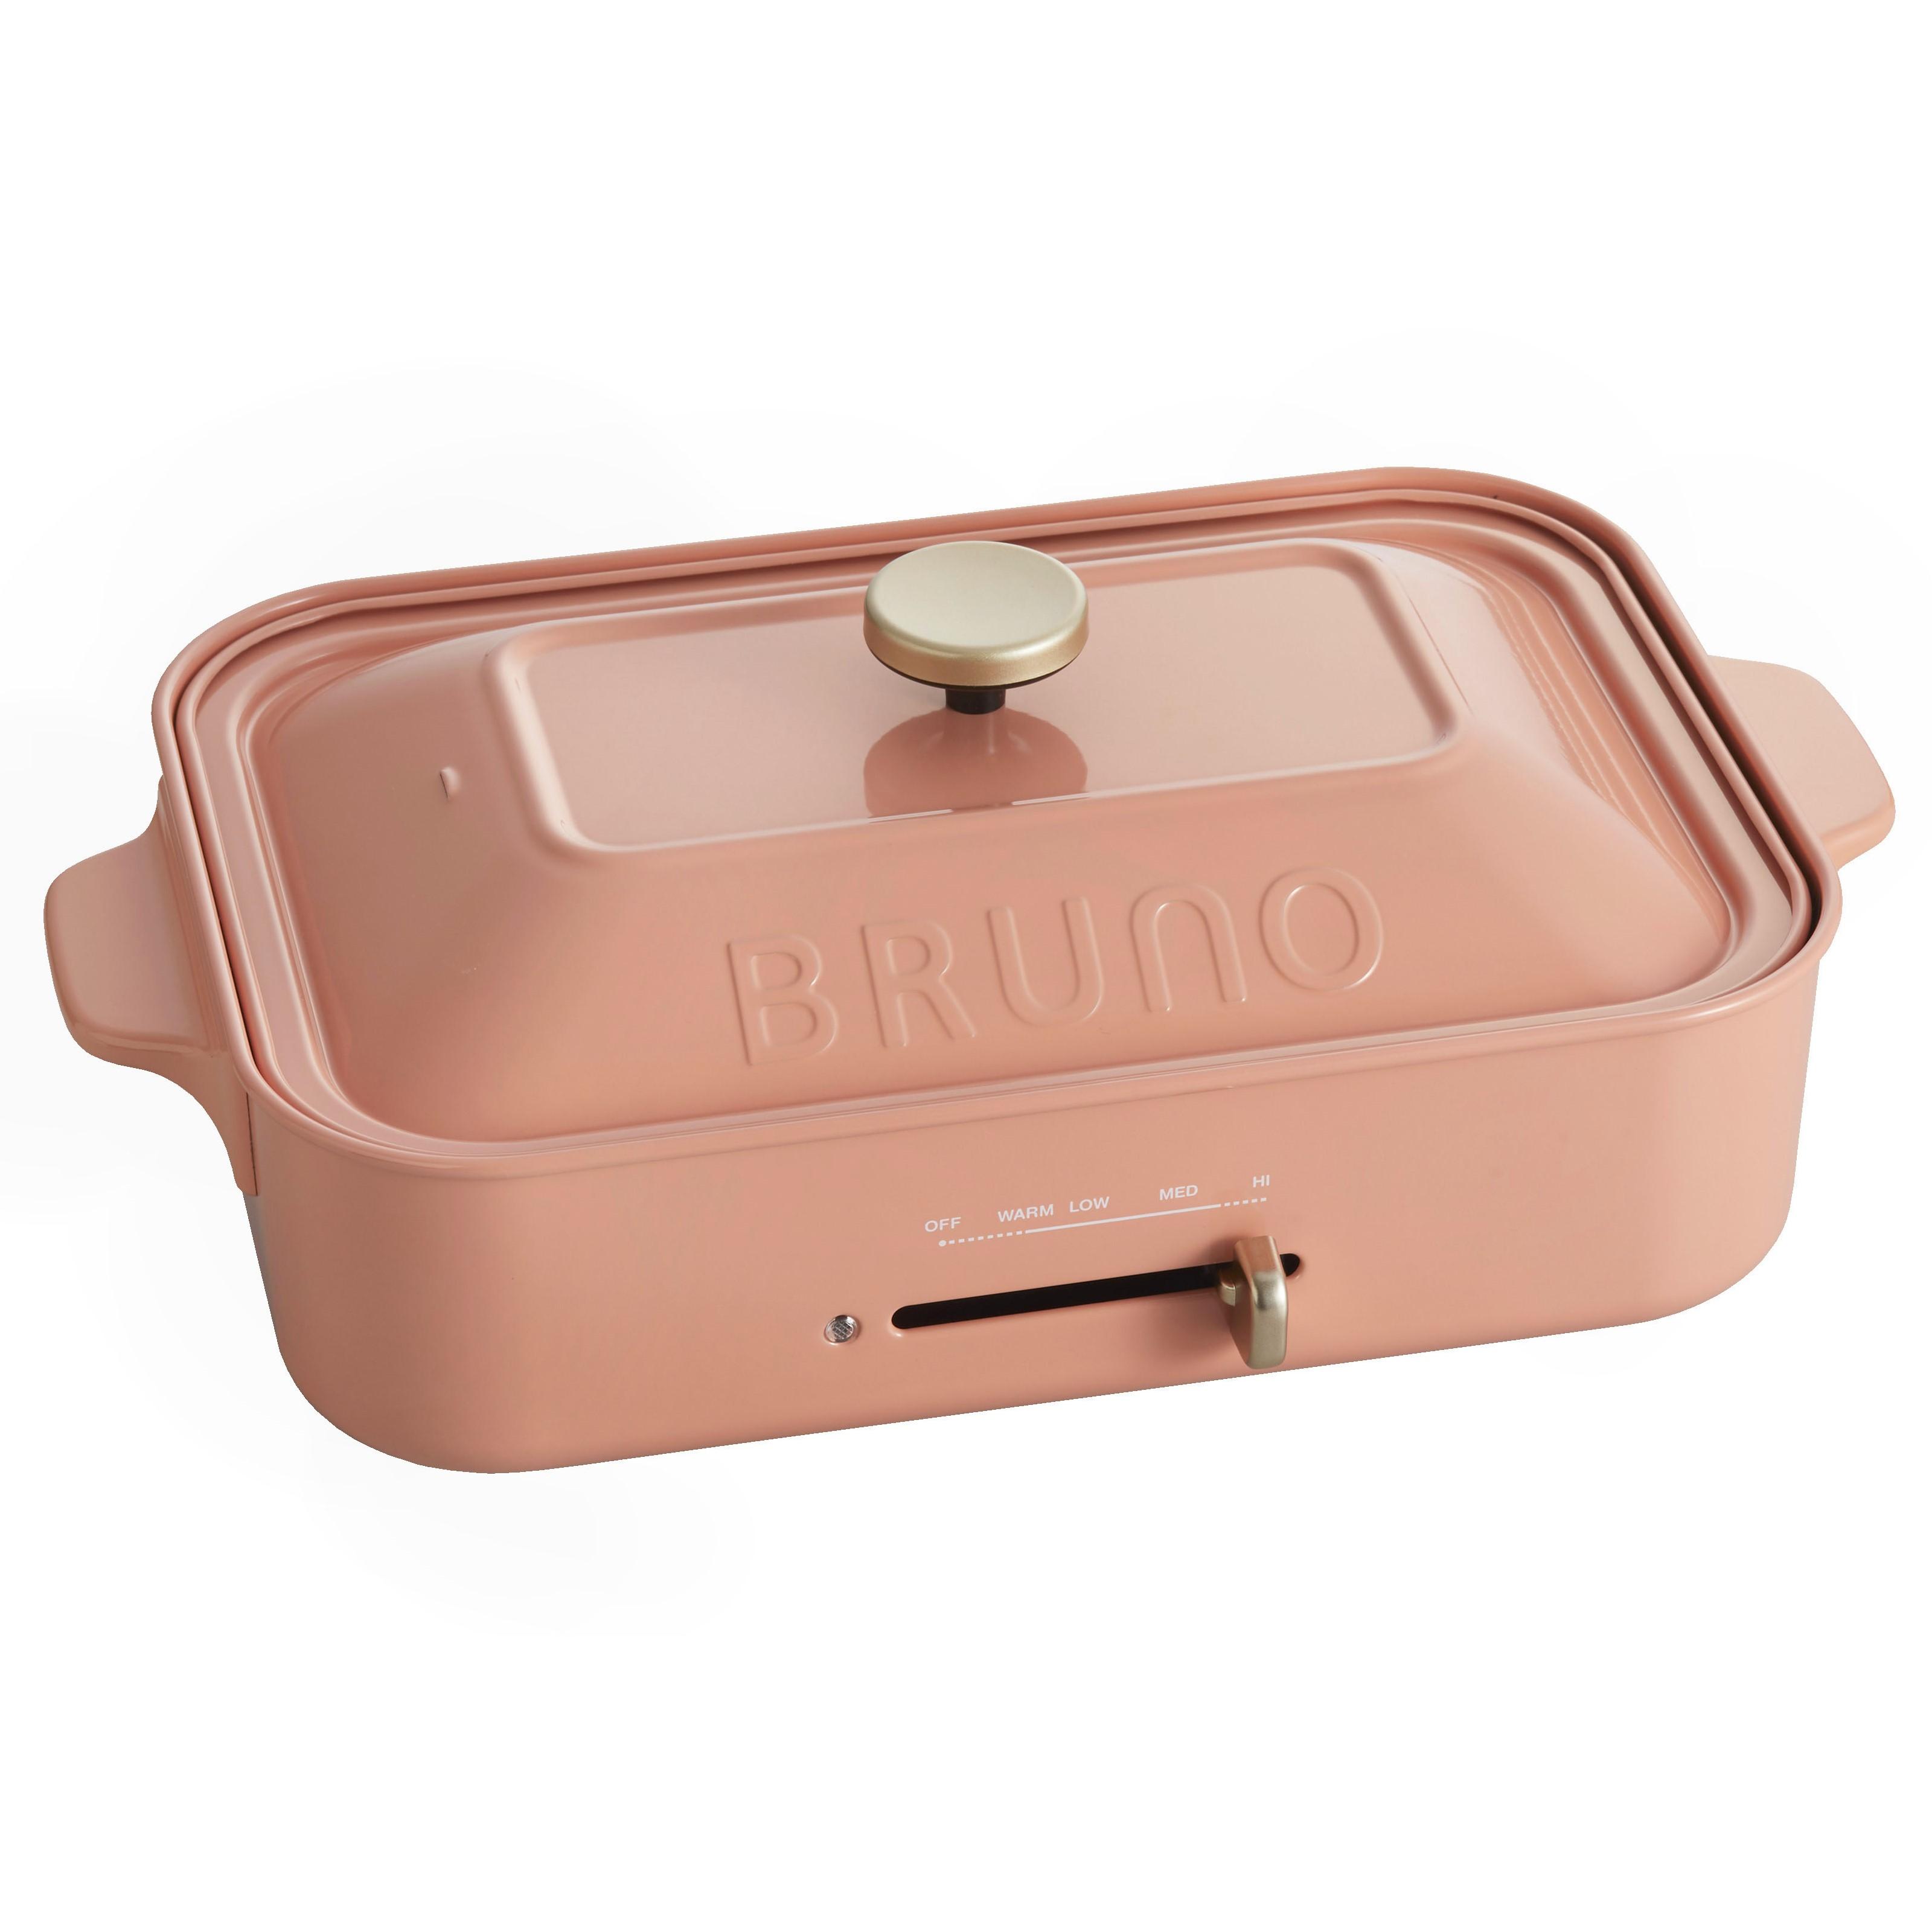 5%回饋【日本BRUNO】多功能鑄鐵電烤盤(珊瑚粉) 公司貨